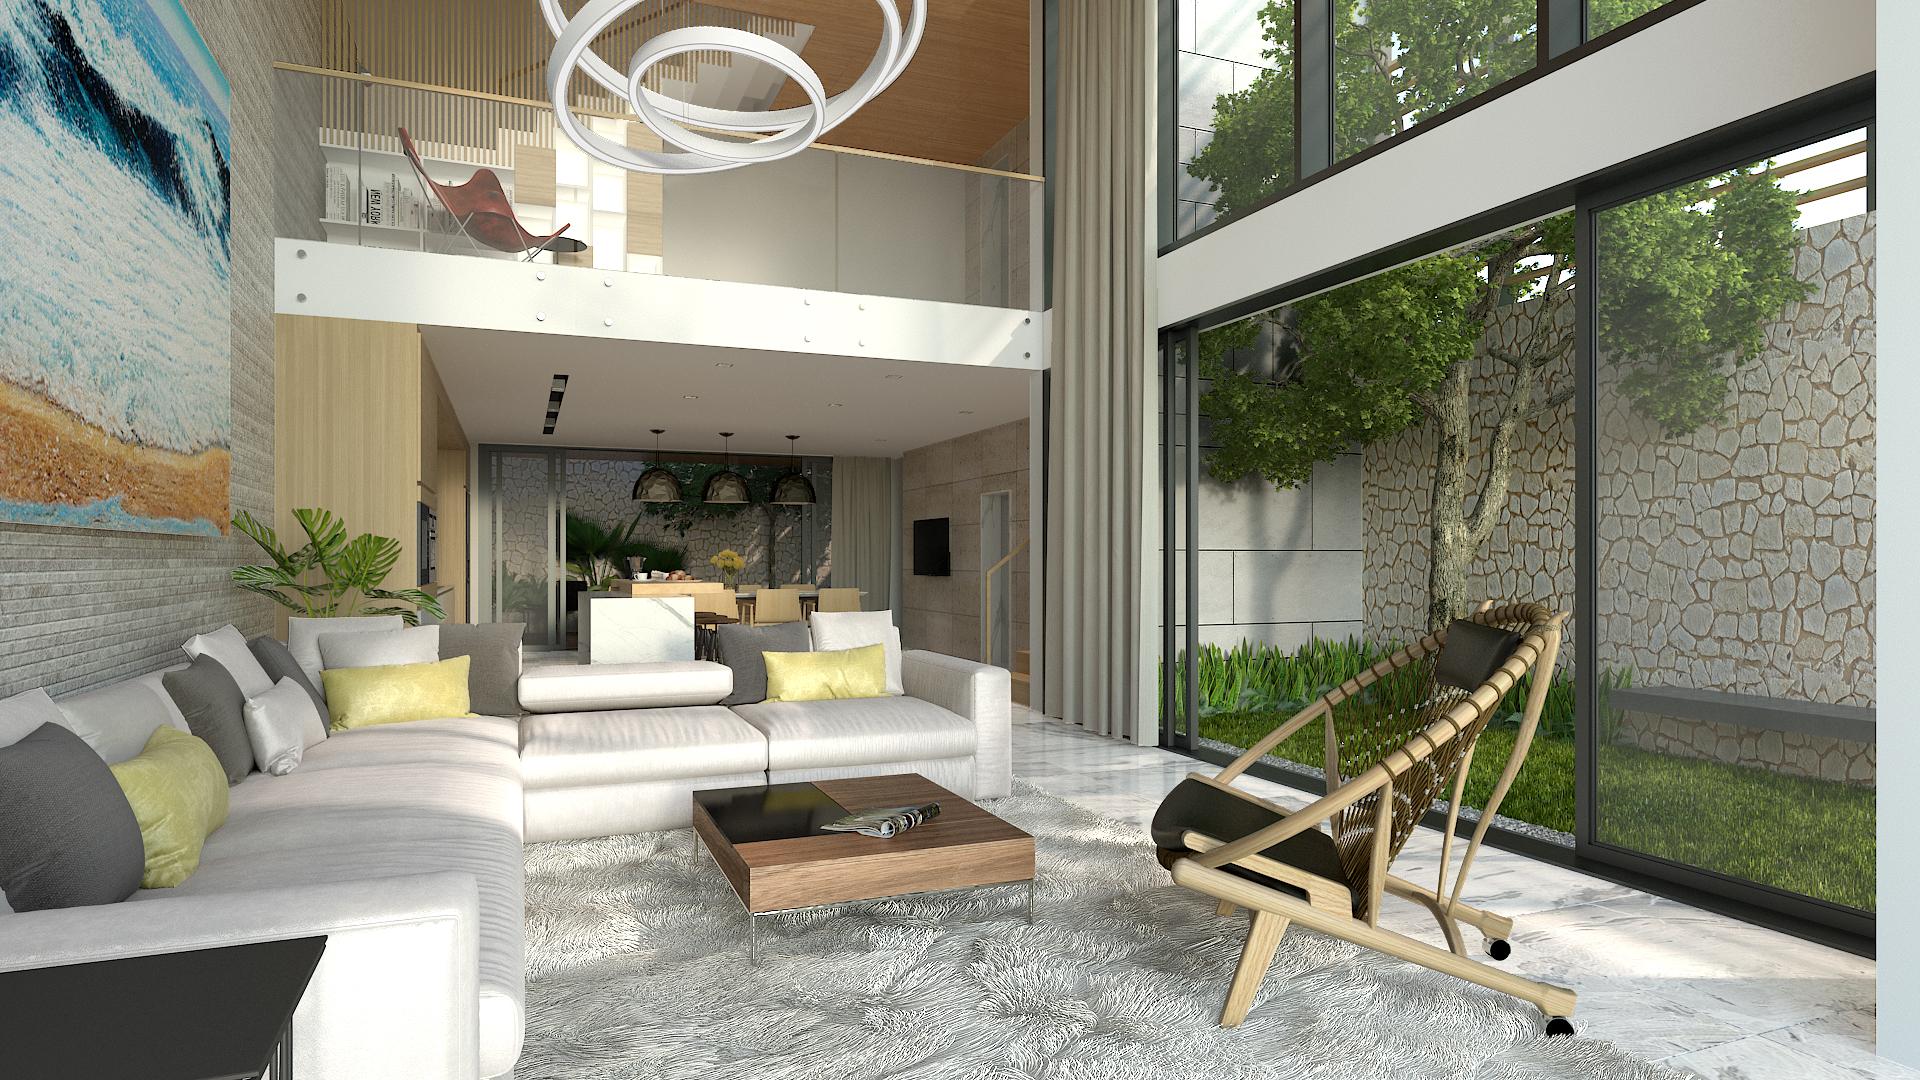 hình ảnh thiết kế nội thất đẹp từ Nhà Đẹp Vườn Xinh h5